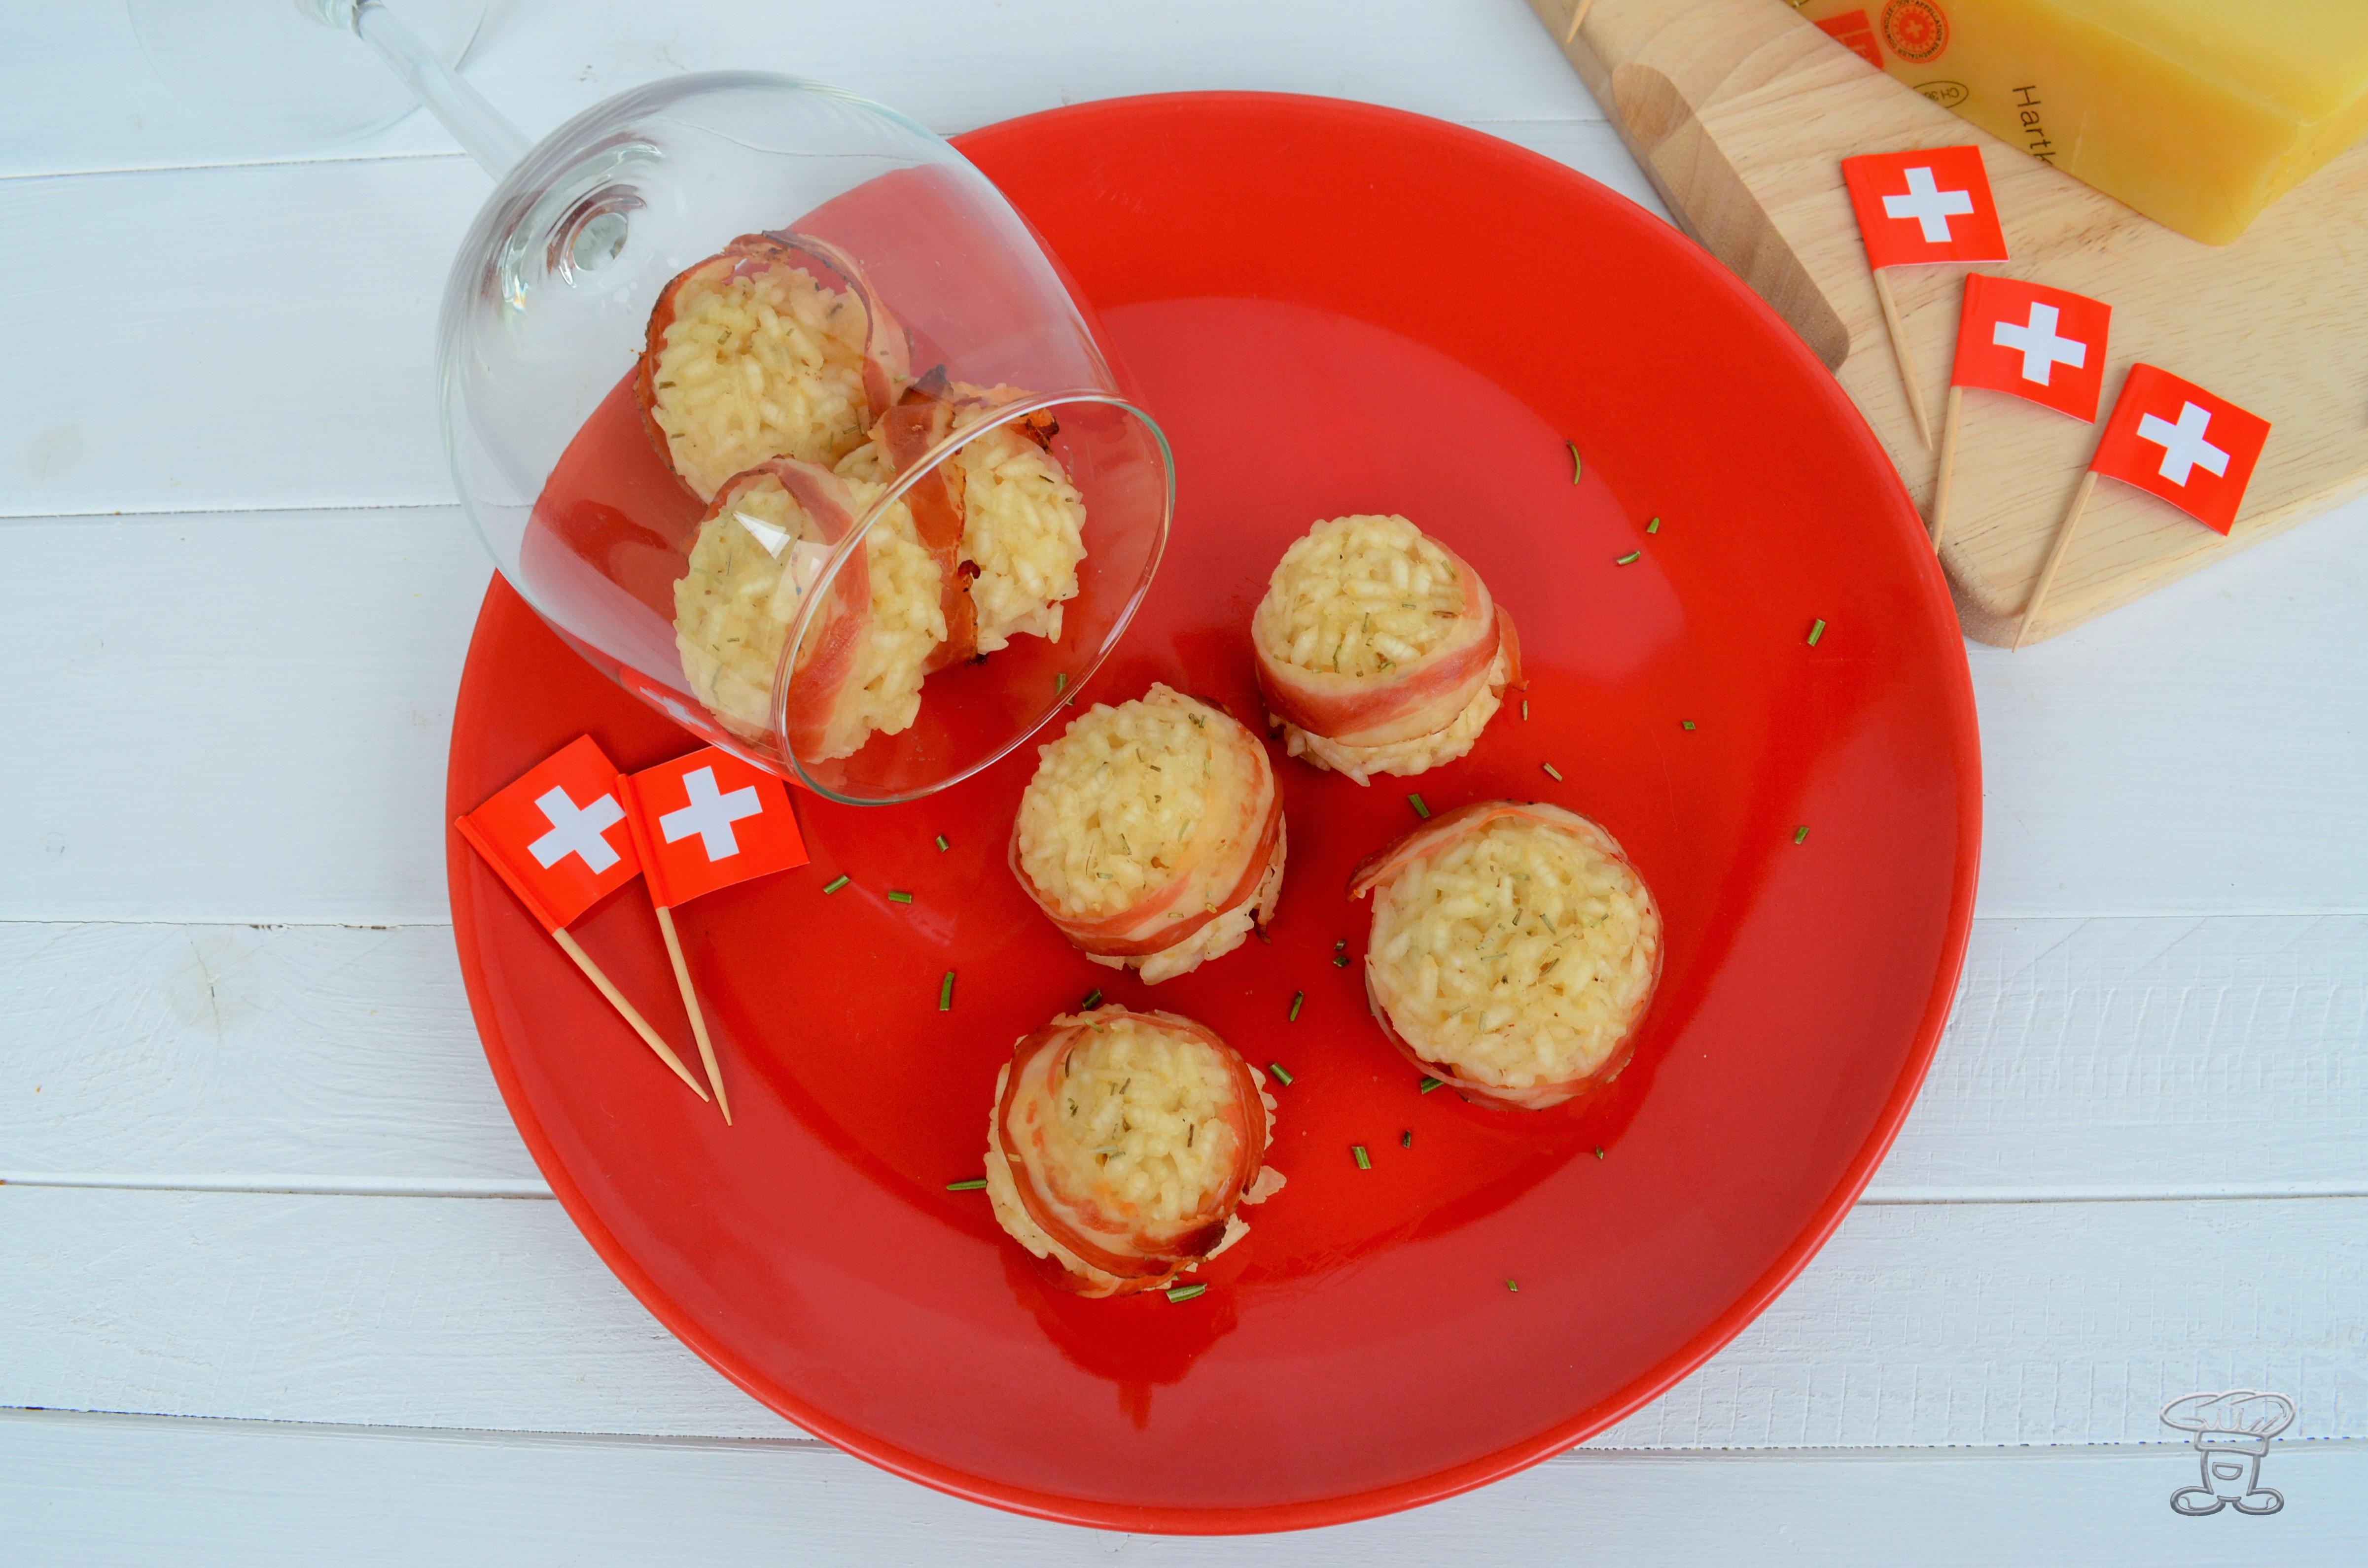 dsc_0568 Polpette di riso con Emmentaler DOP e Pancetta croccante